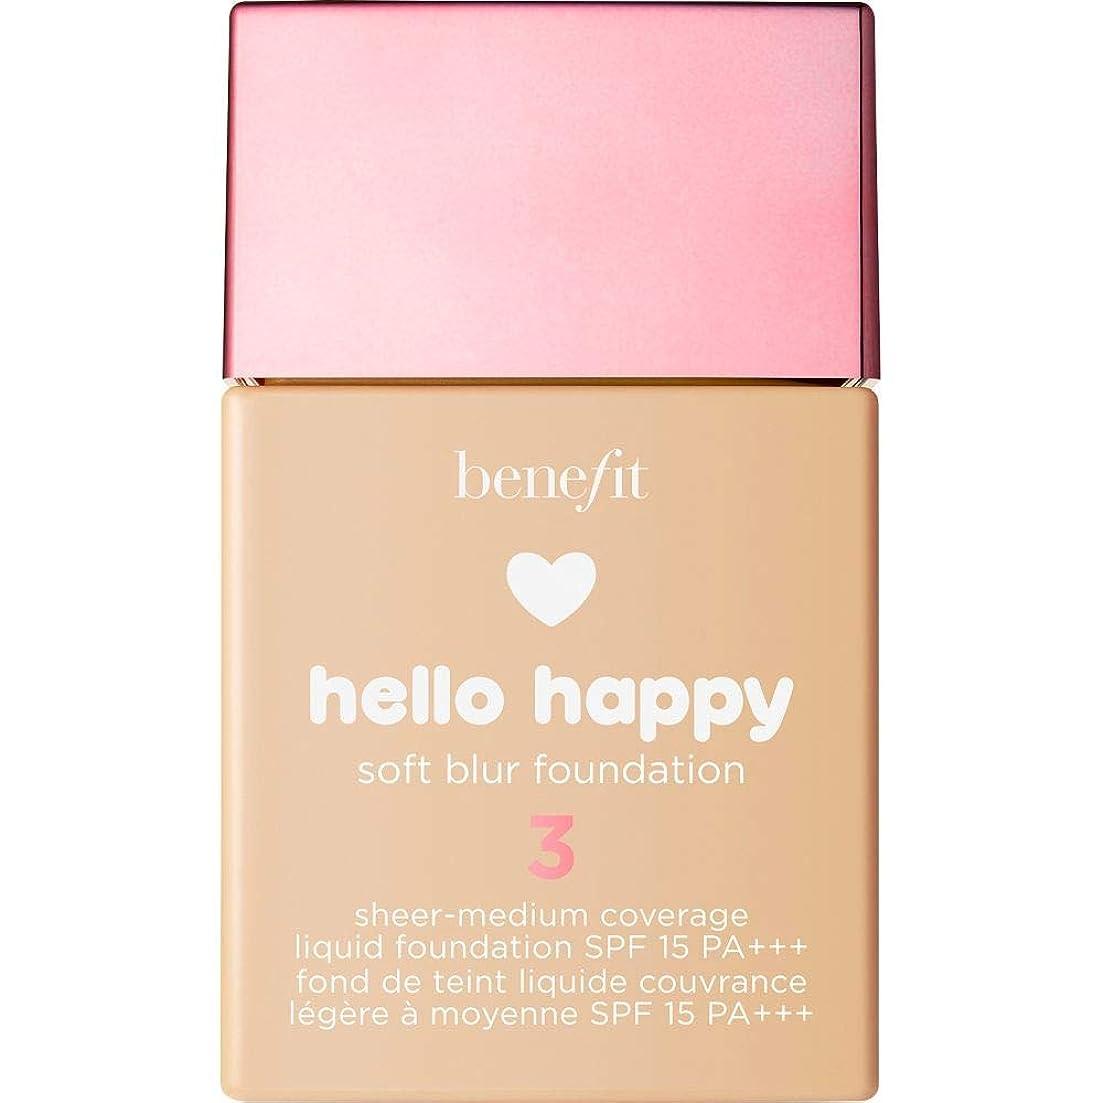 実行可能レール公爵夫人[Benefit ] 利益こんにちは幸せなソフトブラー基礎Spf15 30ミリリットル3 - ニュートラルライト - Benefit Hello Happy Soft Blur Foundation SPF15 30ml 3 - Light Neutral [並行輸入品]